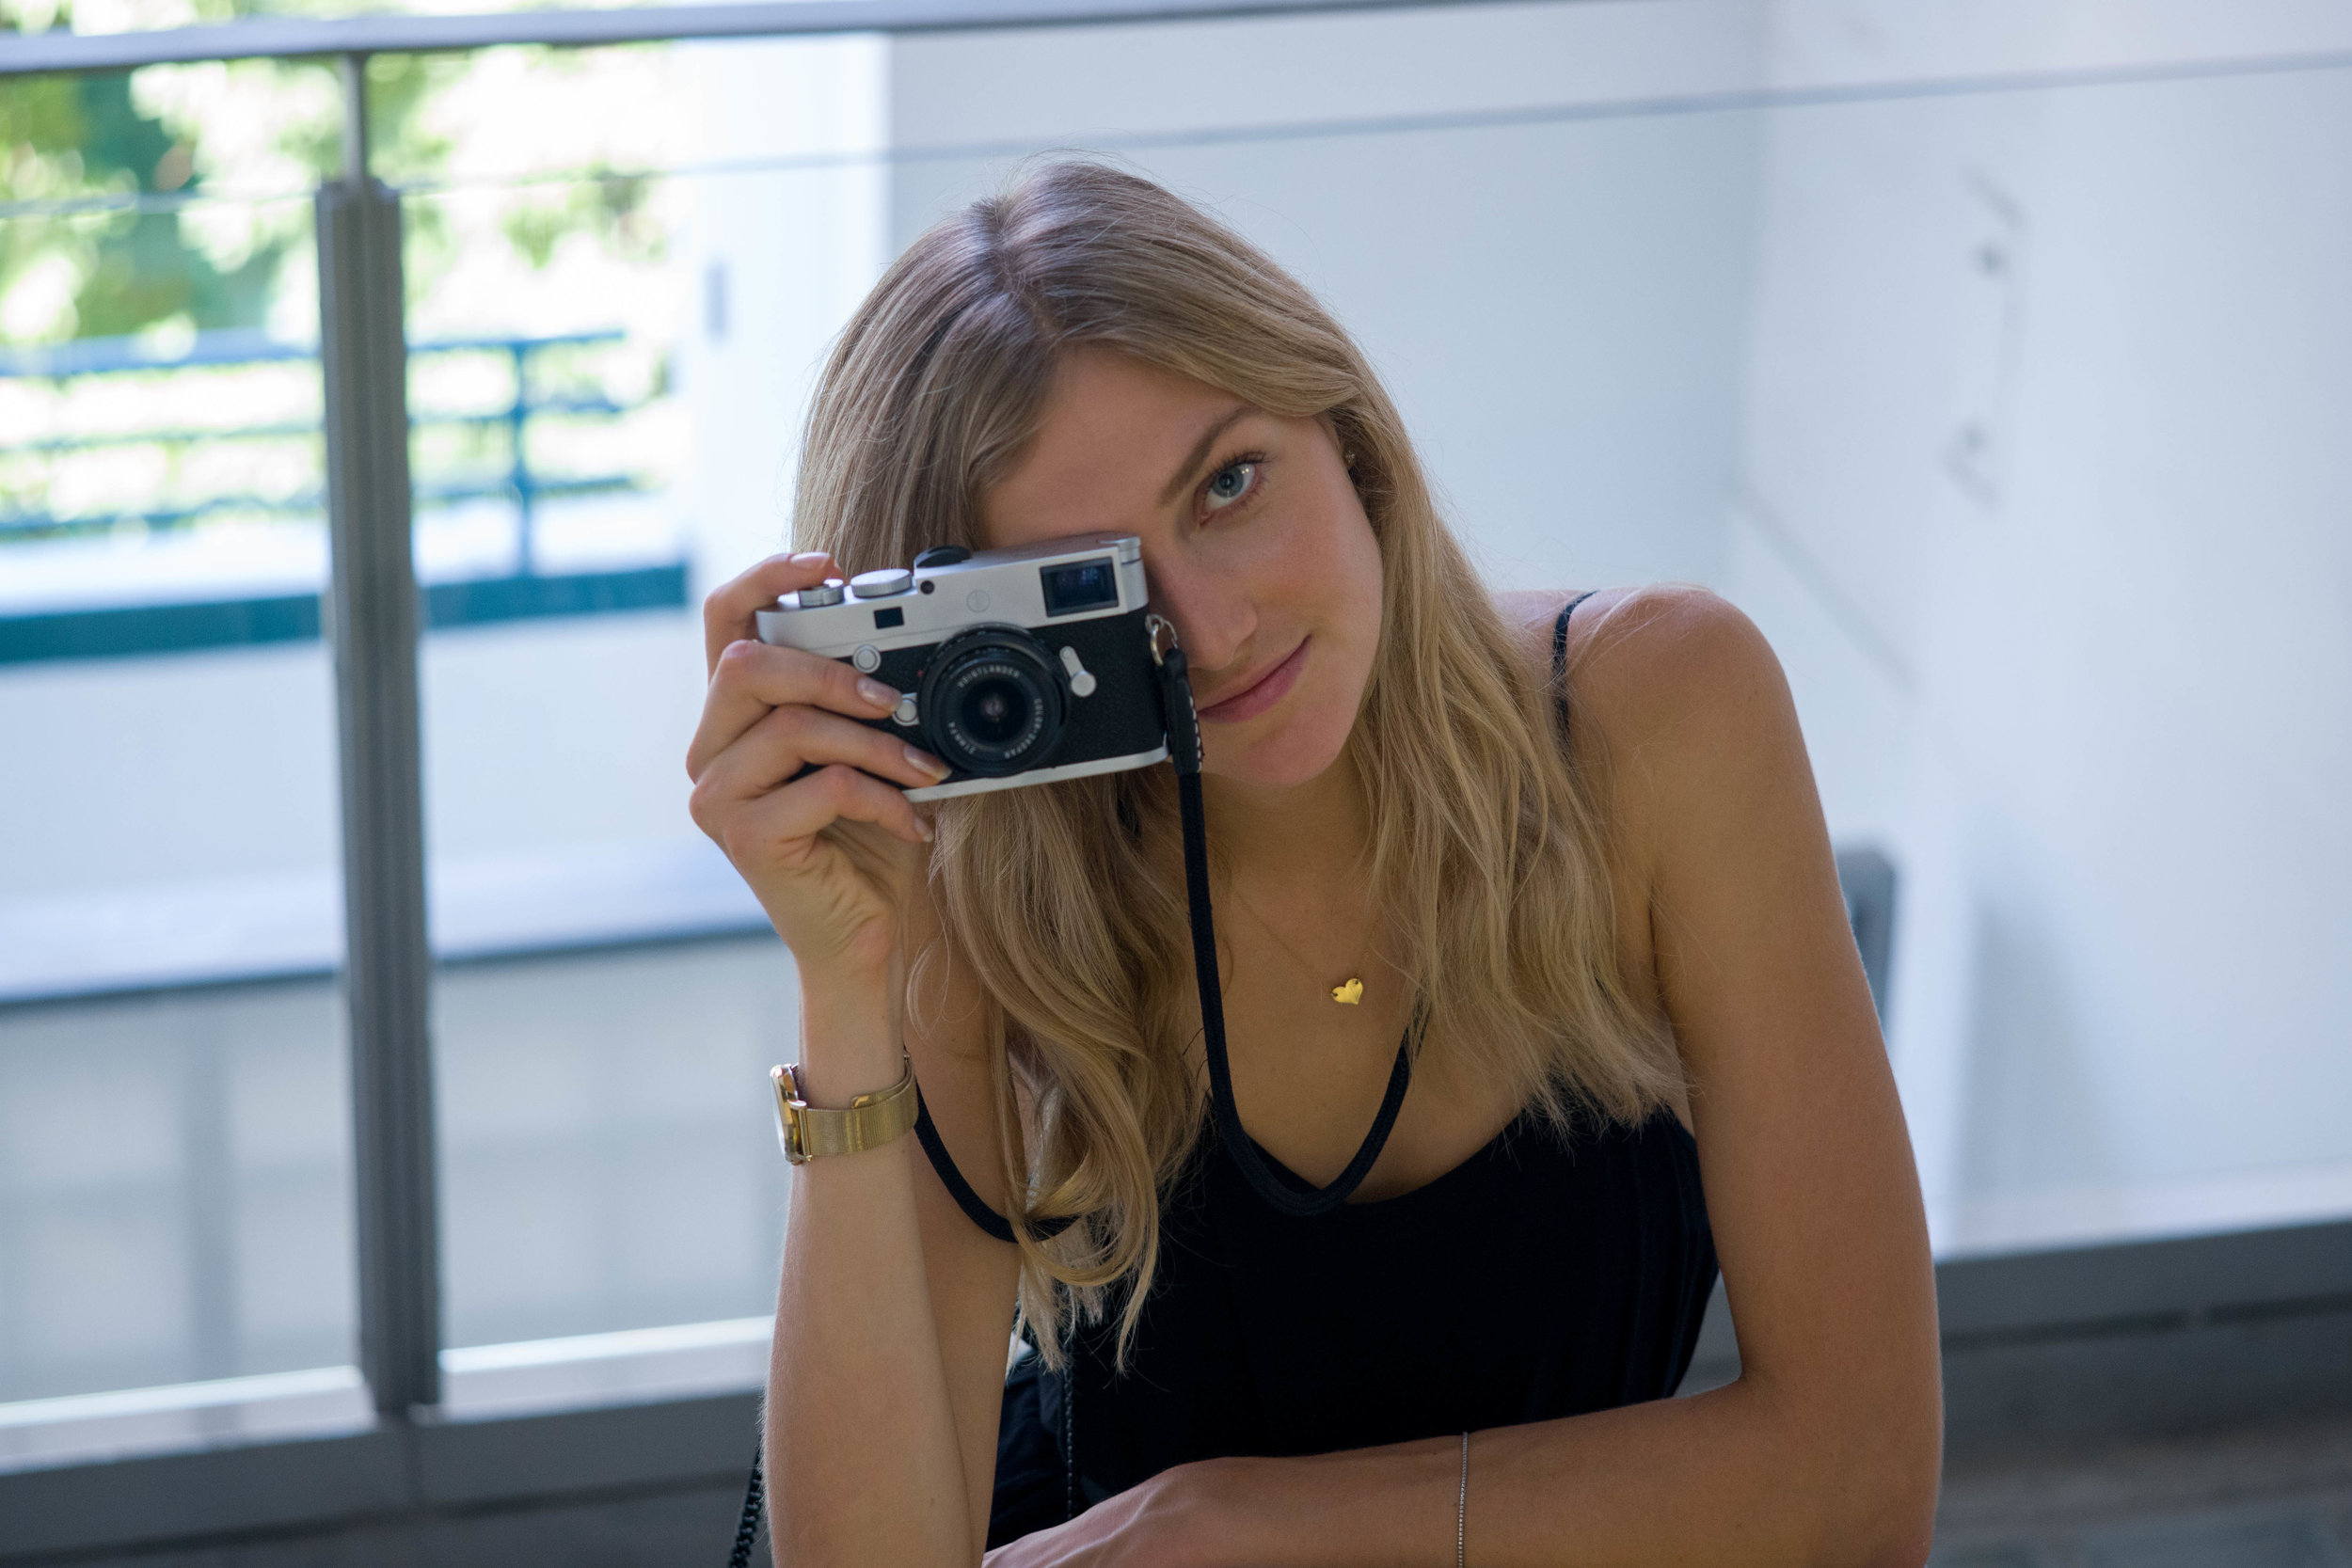 Leica M10-P + Leica 90mm Macro-Elmar-M f/4 - ISO 1600, 1/125s, f/4- Similar framing